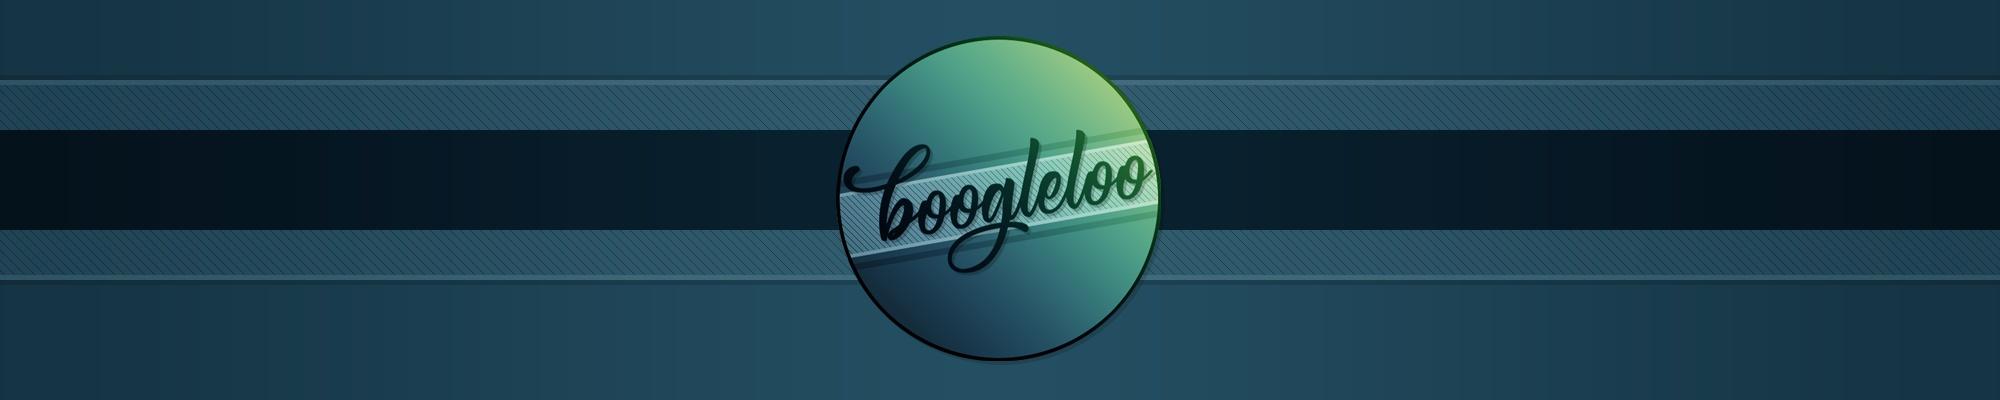 boogleloo Cover